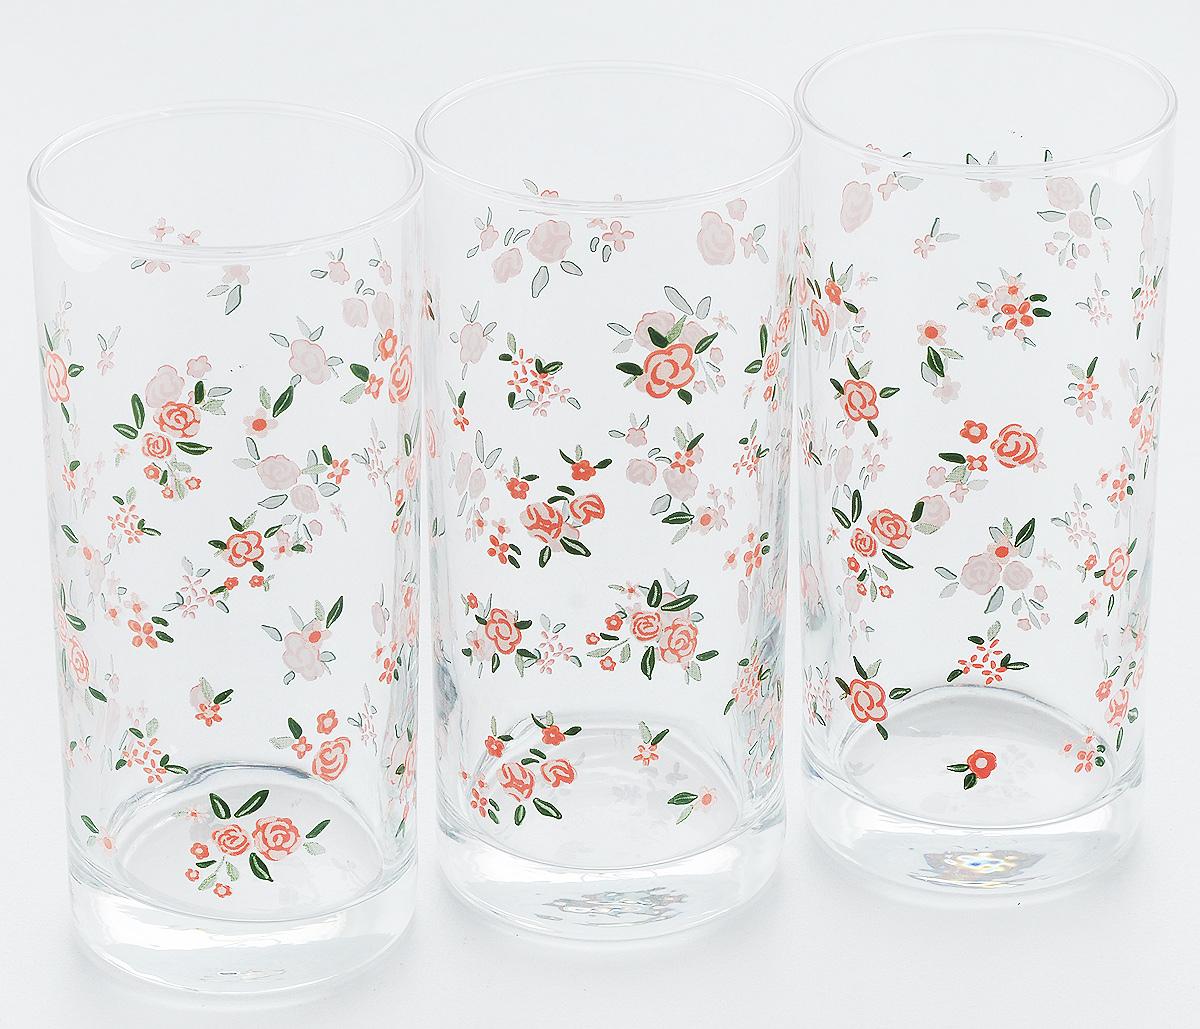 Набор стаканов Pasabahce Provence, 290 мл, 3 штVT-1520(SR)Набор Pasabahce Provence состоит из трех бокалов, выполненных из закаленного натрий-кальций-силикатного стекла. Изделия украшены ярким рисунком и прекрасно подойдут для подачи холодных напитков. Их оценят как любители классики, так и те, кто предпочитает современный дизайн.Набор идеально подойдет для сервировки стола и станет отличным подарком к любому празднику. Высота стакана: 13,5 см.